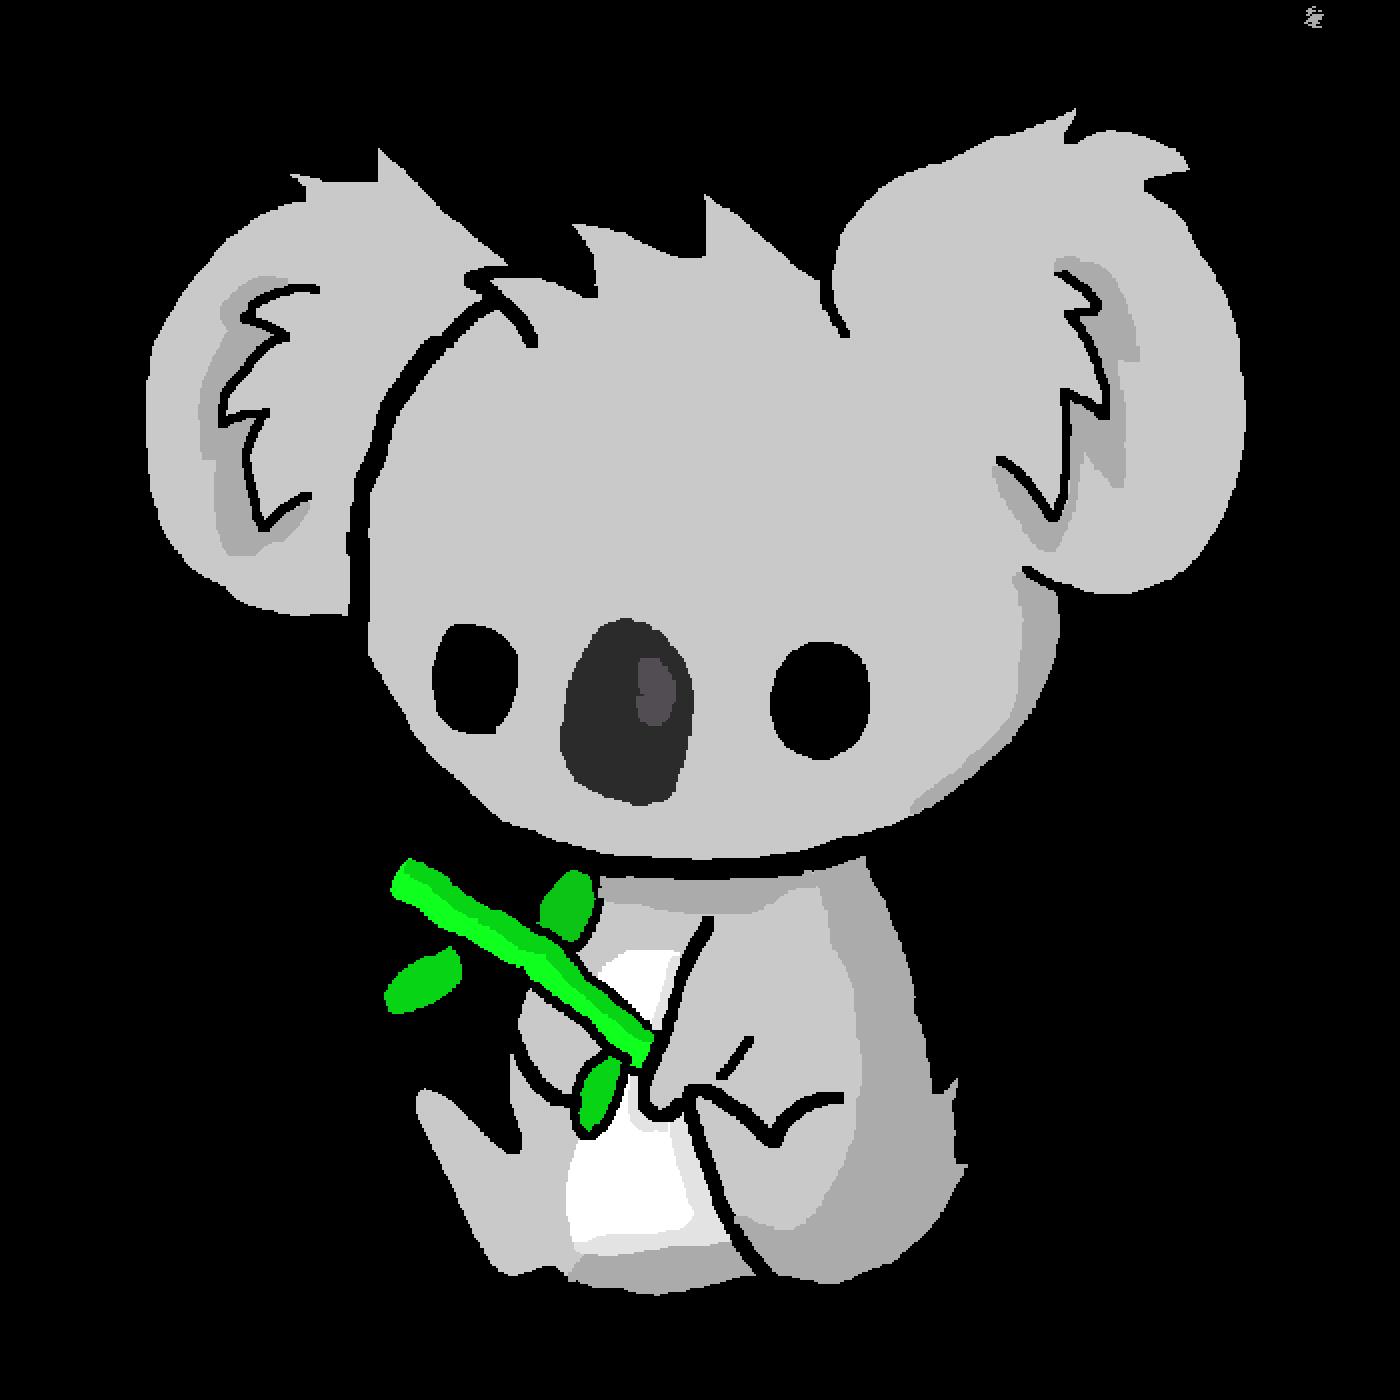 Pixilart - Cute Kawaii Koala! by DerpyDrawing